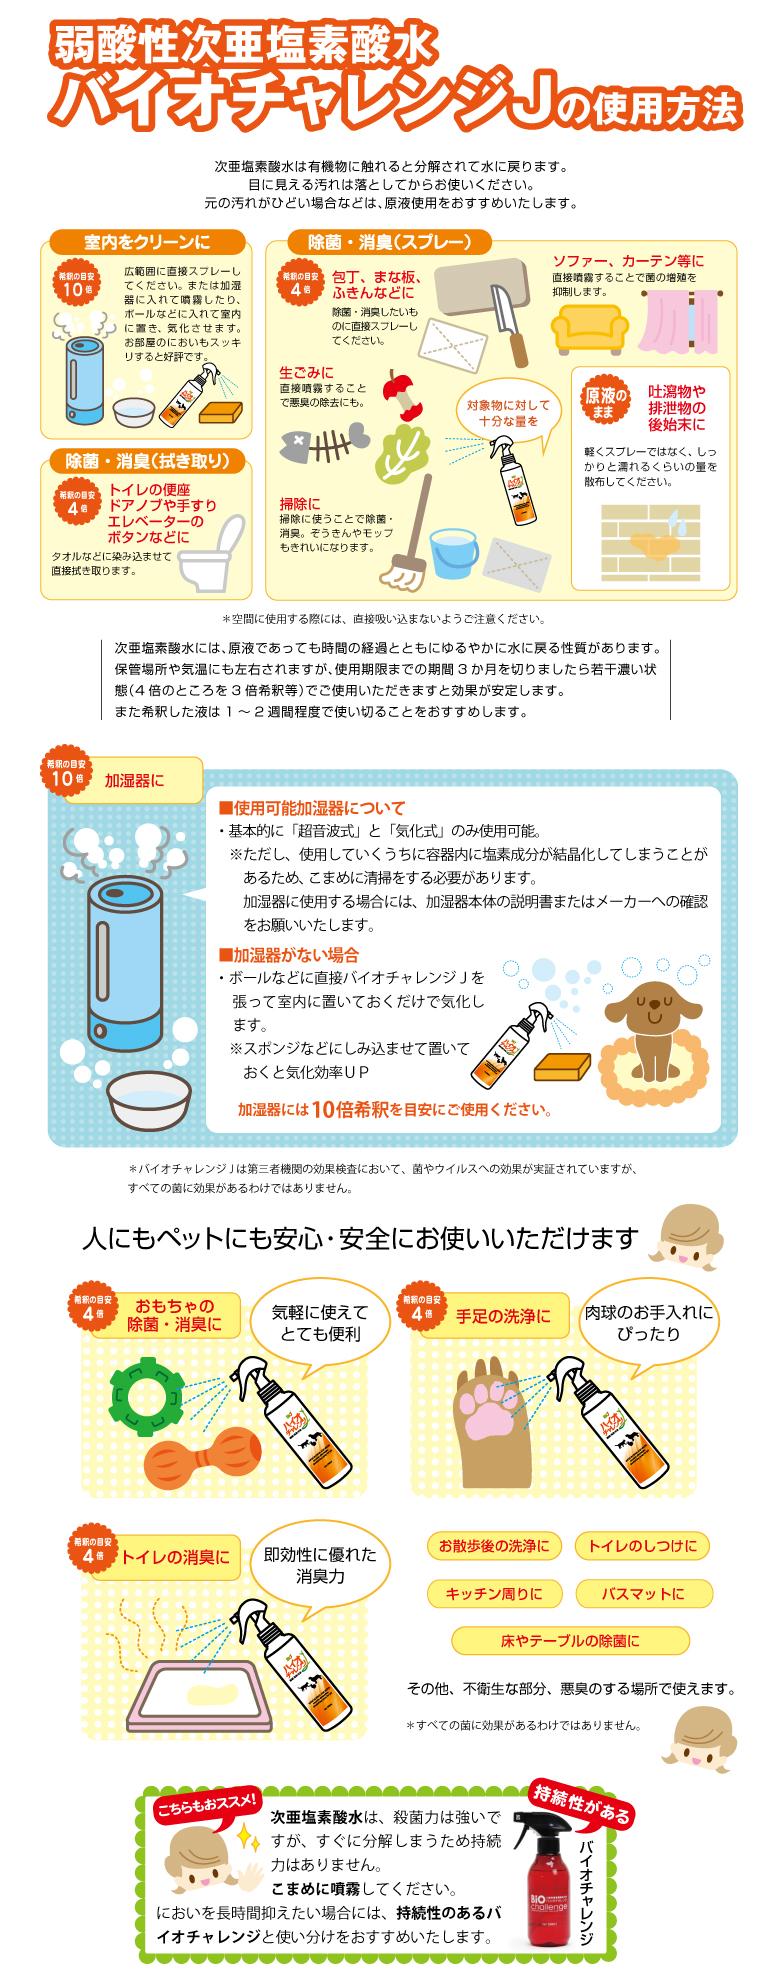 すばやく強力に除菌・消臭。ペット・人に安心・安全‐バイオチャレンジJの使用方法について